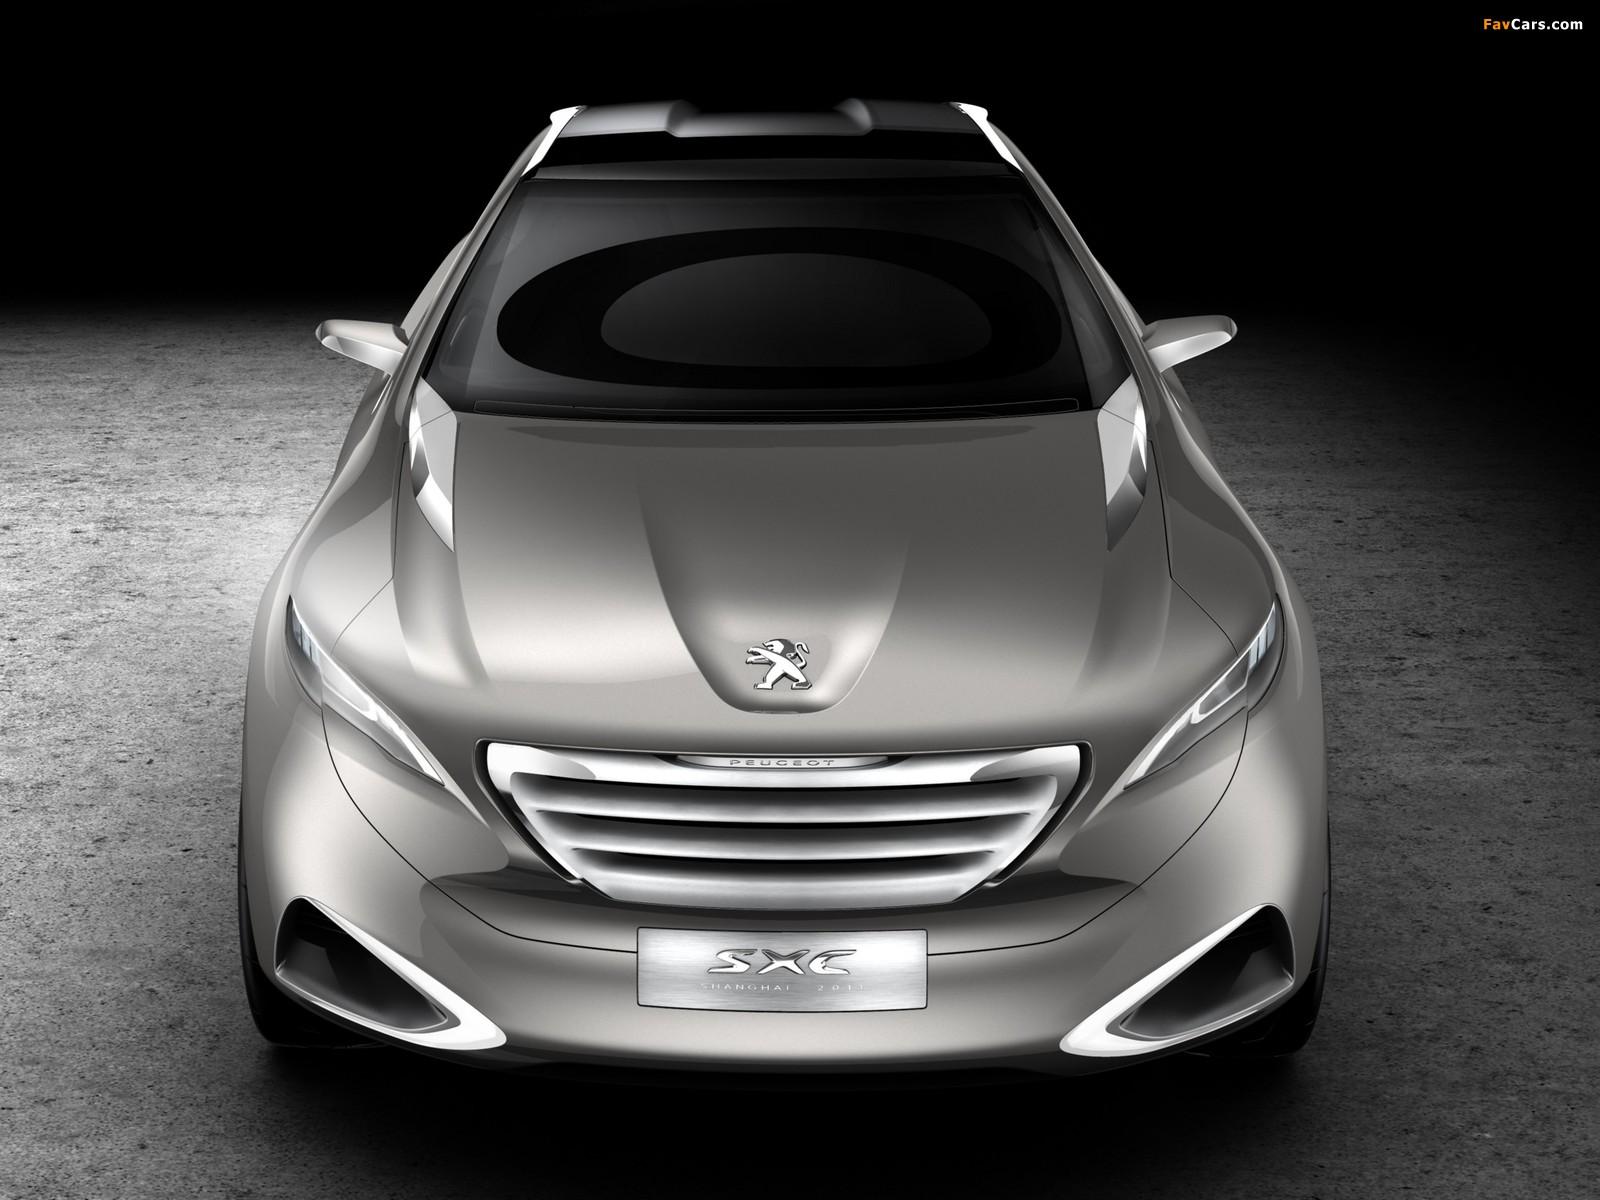 Peugeot SXC Concept 2011 photos (1600 x 1200)